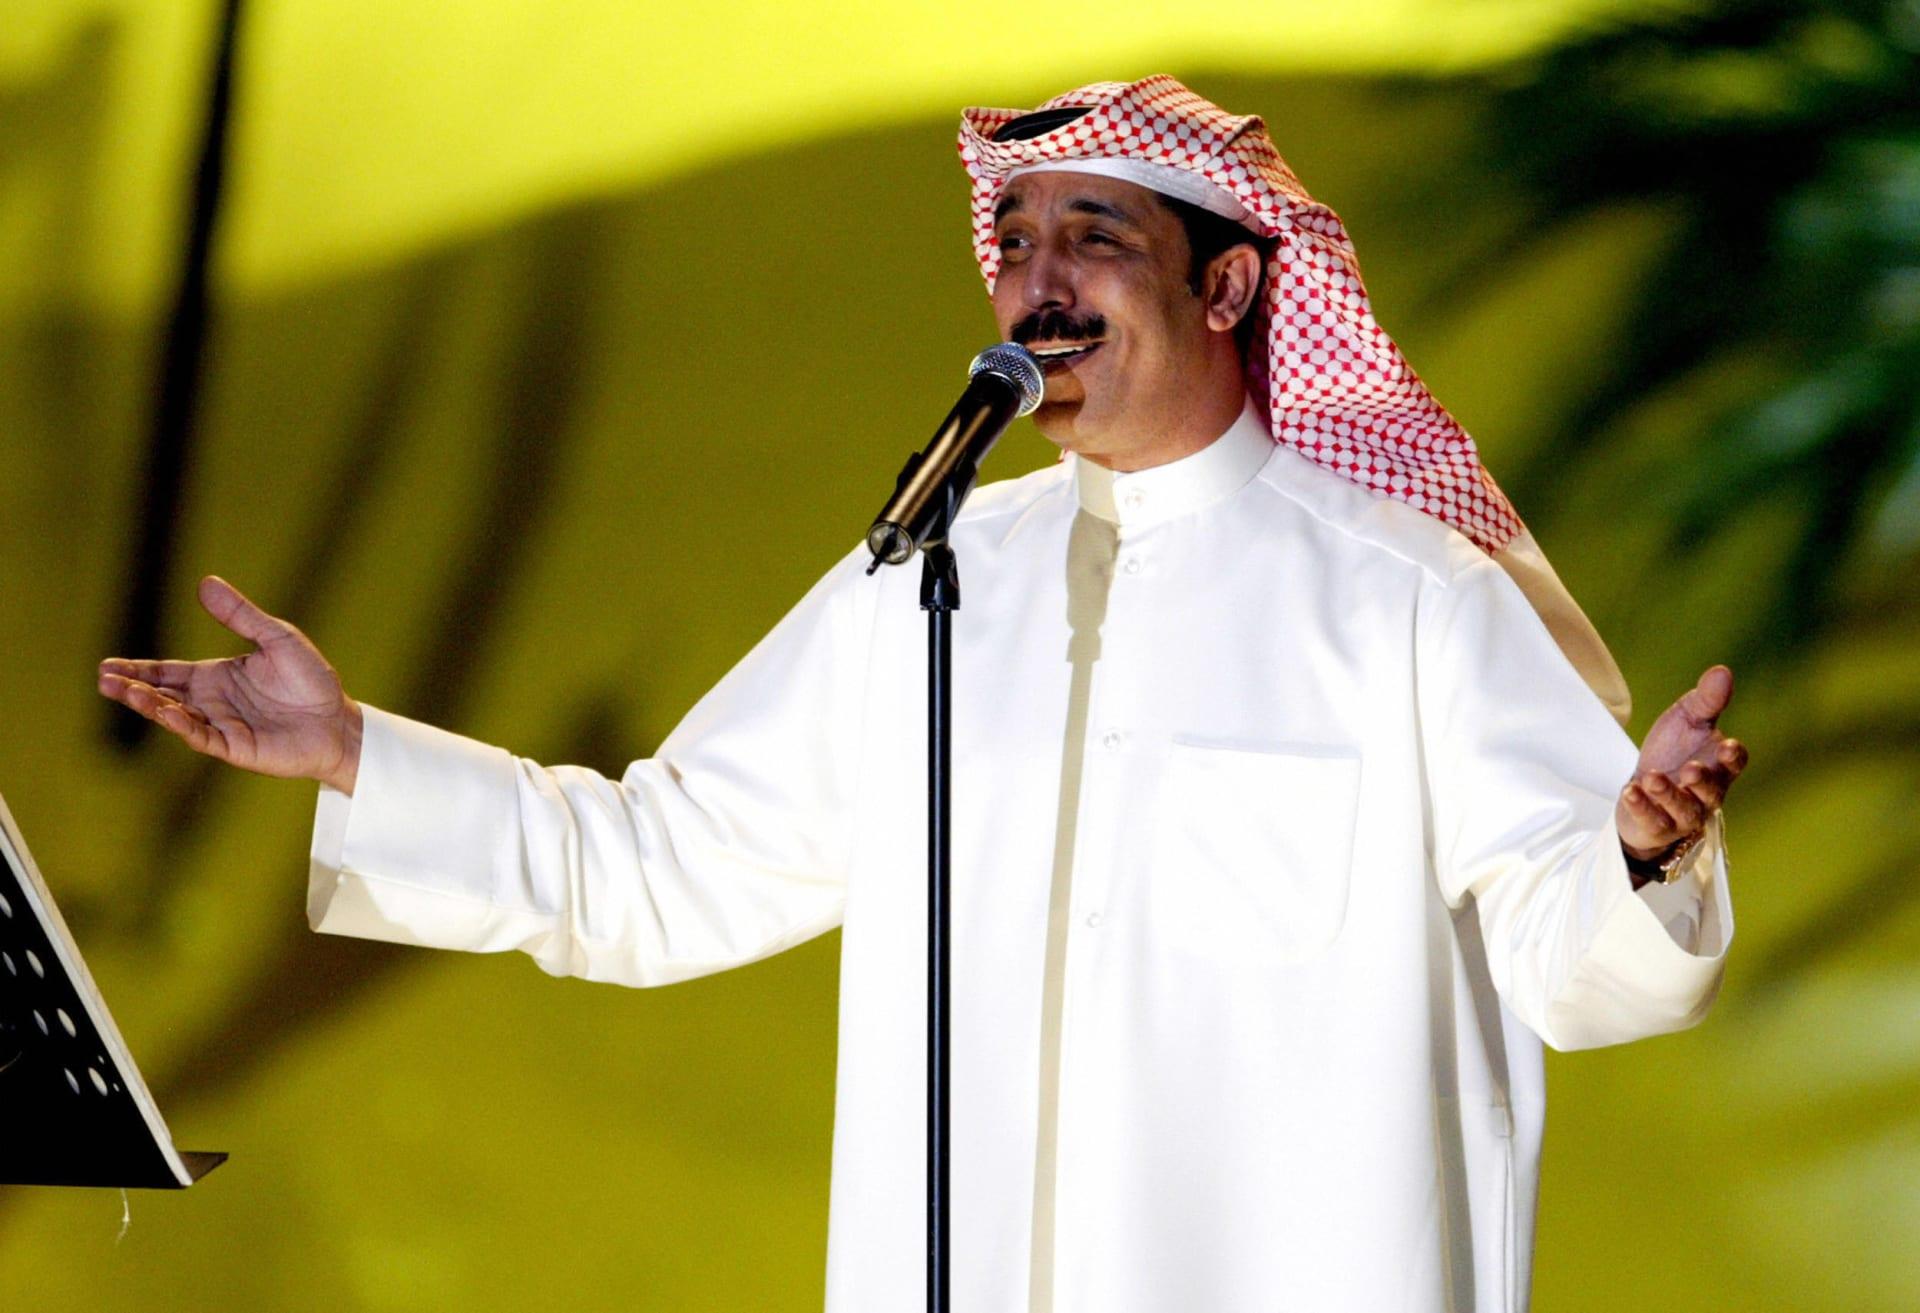 في أول ظهور له منذ السقوط على المسرح.. عبد الله الرويشد يطمئن جمهوره